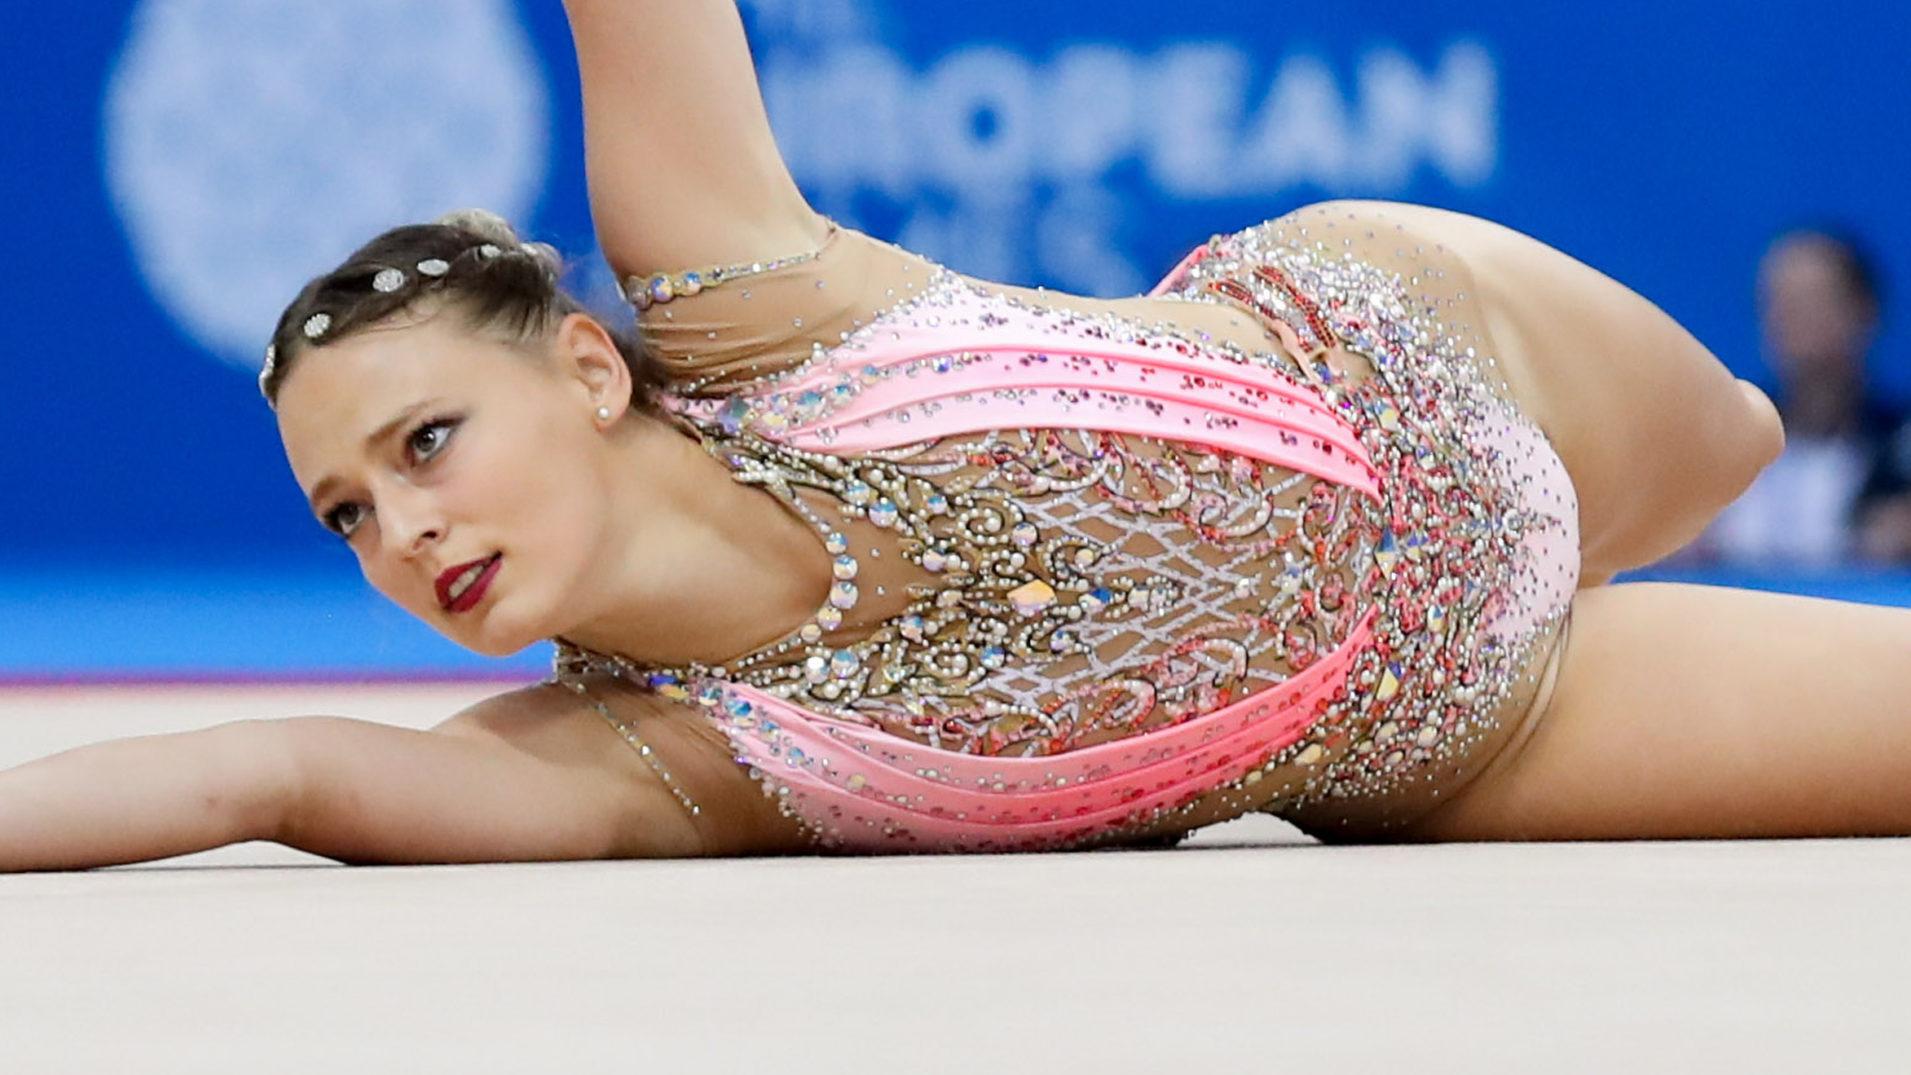 Tirolerin wird Opfer von Skandal bei Gymnastik-WM!